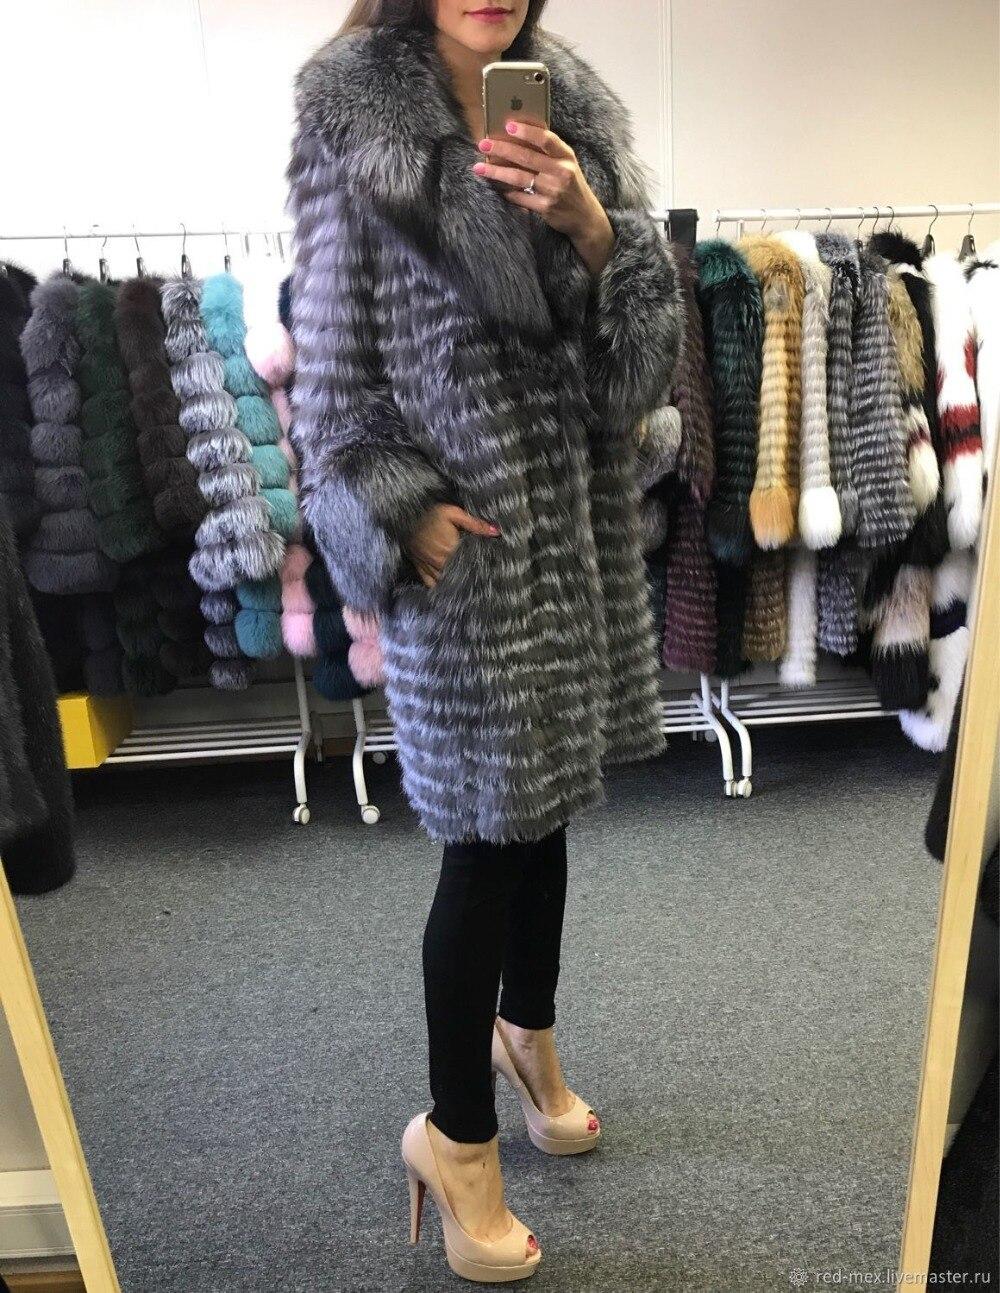 Chaud D'hiver Manteaux Avec Réel Long Manteau Silver Mode En Fourrure Renard Vestes Fox Whoesale Et blue À Pour Dames Big Silver Col De HYD29IWE